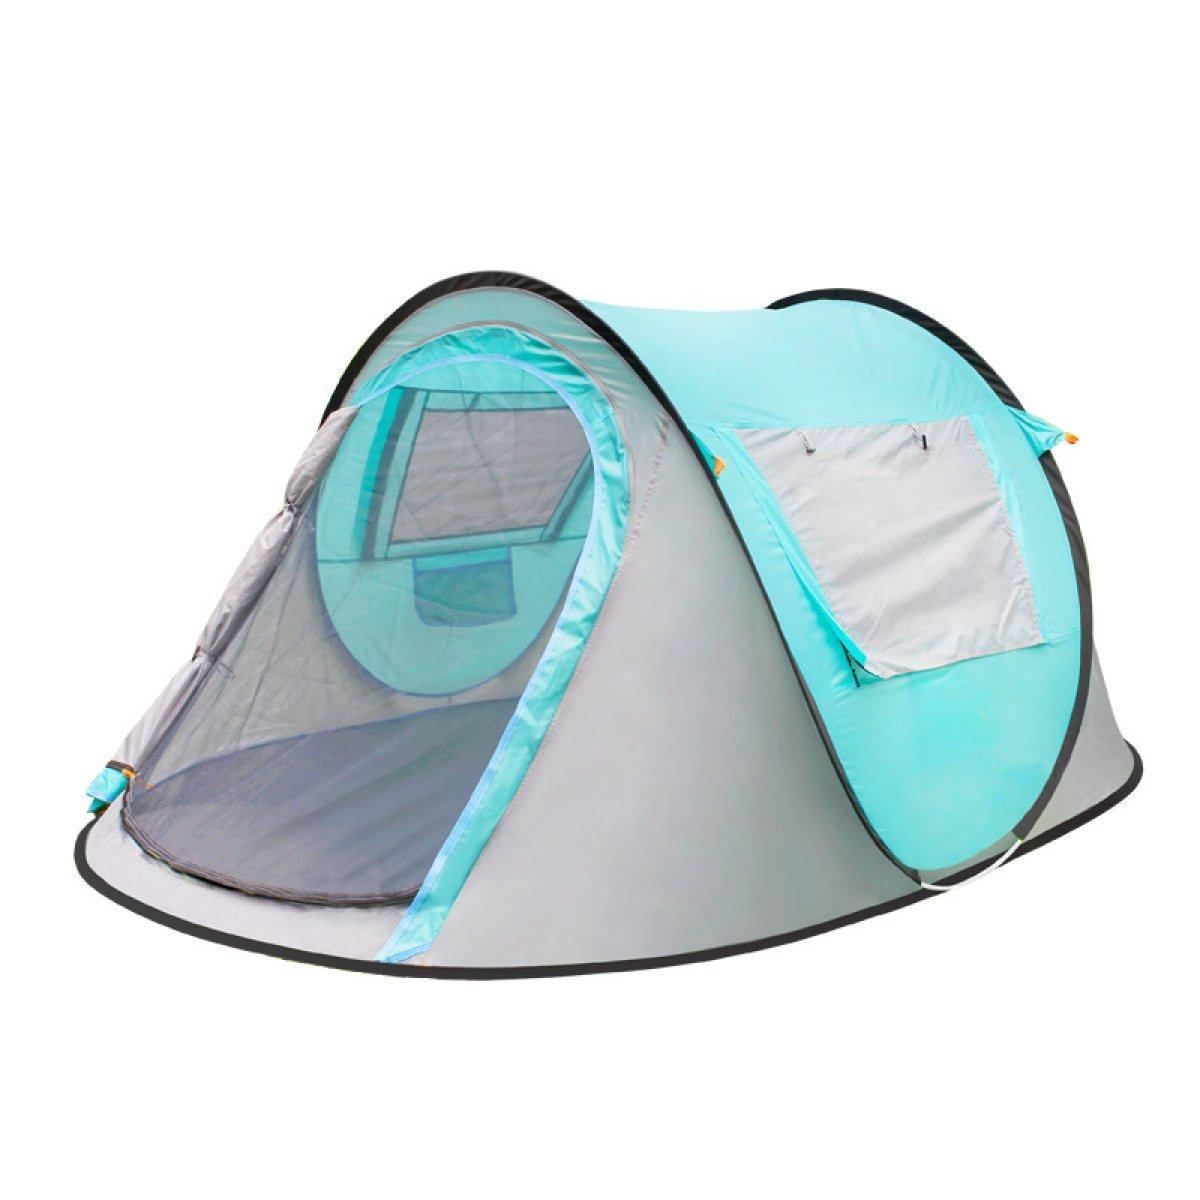 BFMEI Outdoor 3-4 Doppel Automatische Regen Zelt Öffnung Eingestellte Geschwindigkeit 2 Sekunden,SkyBlau-245150105